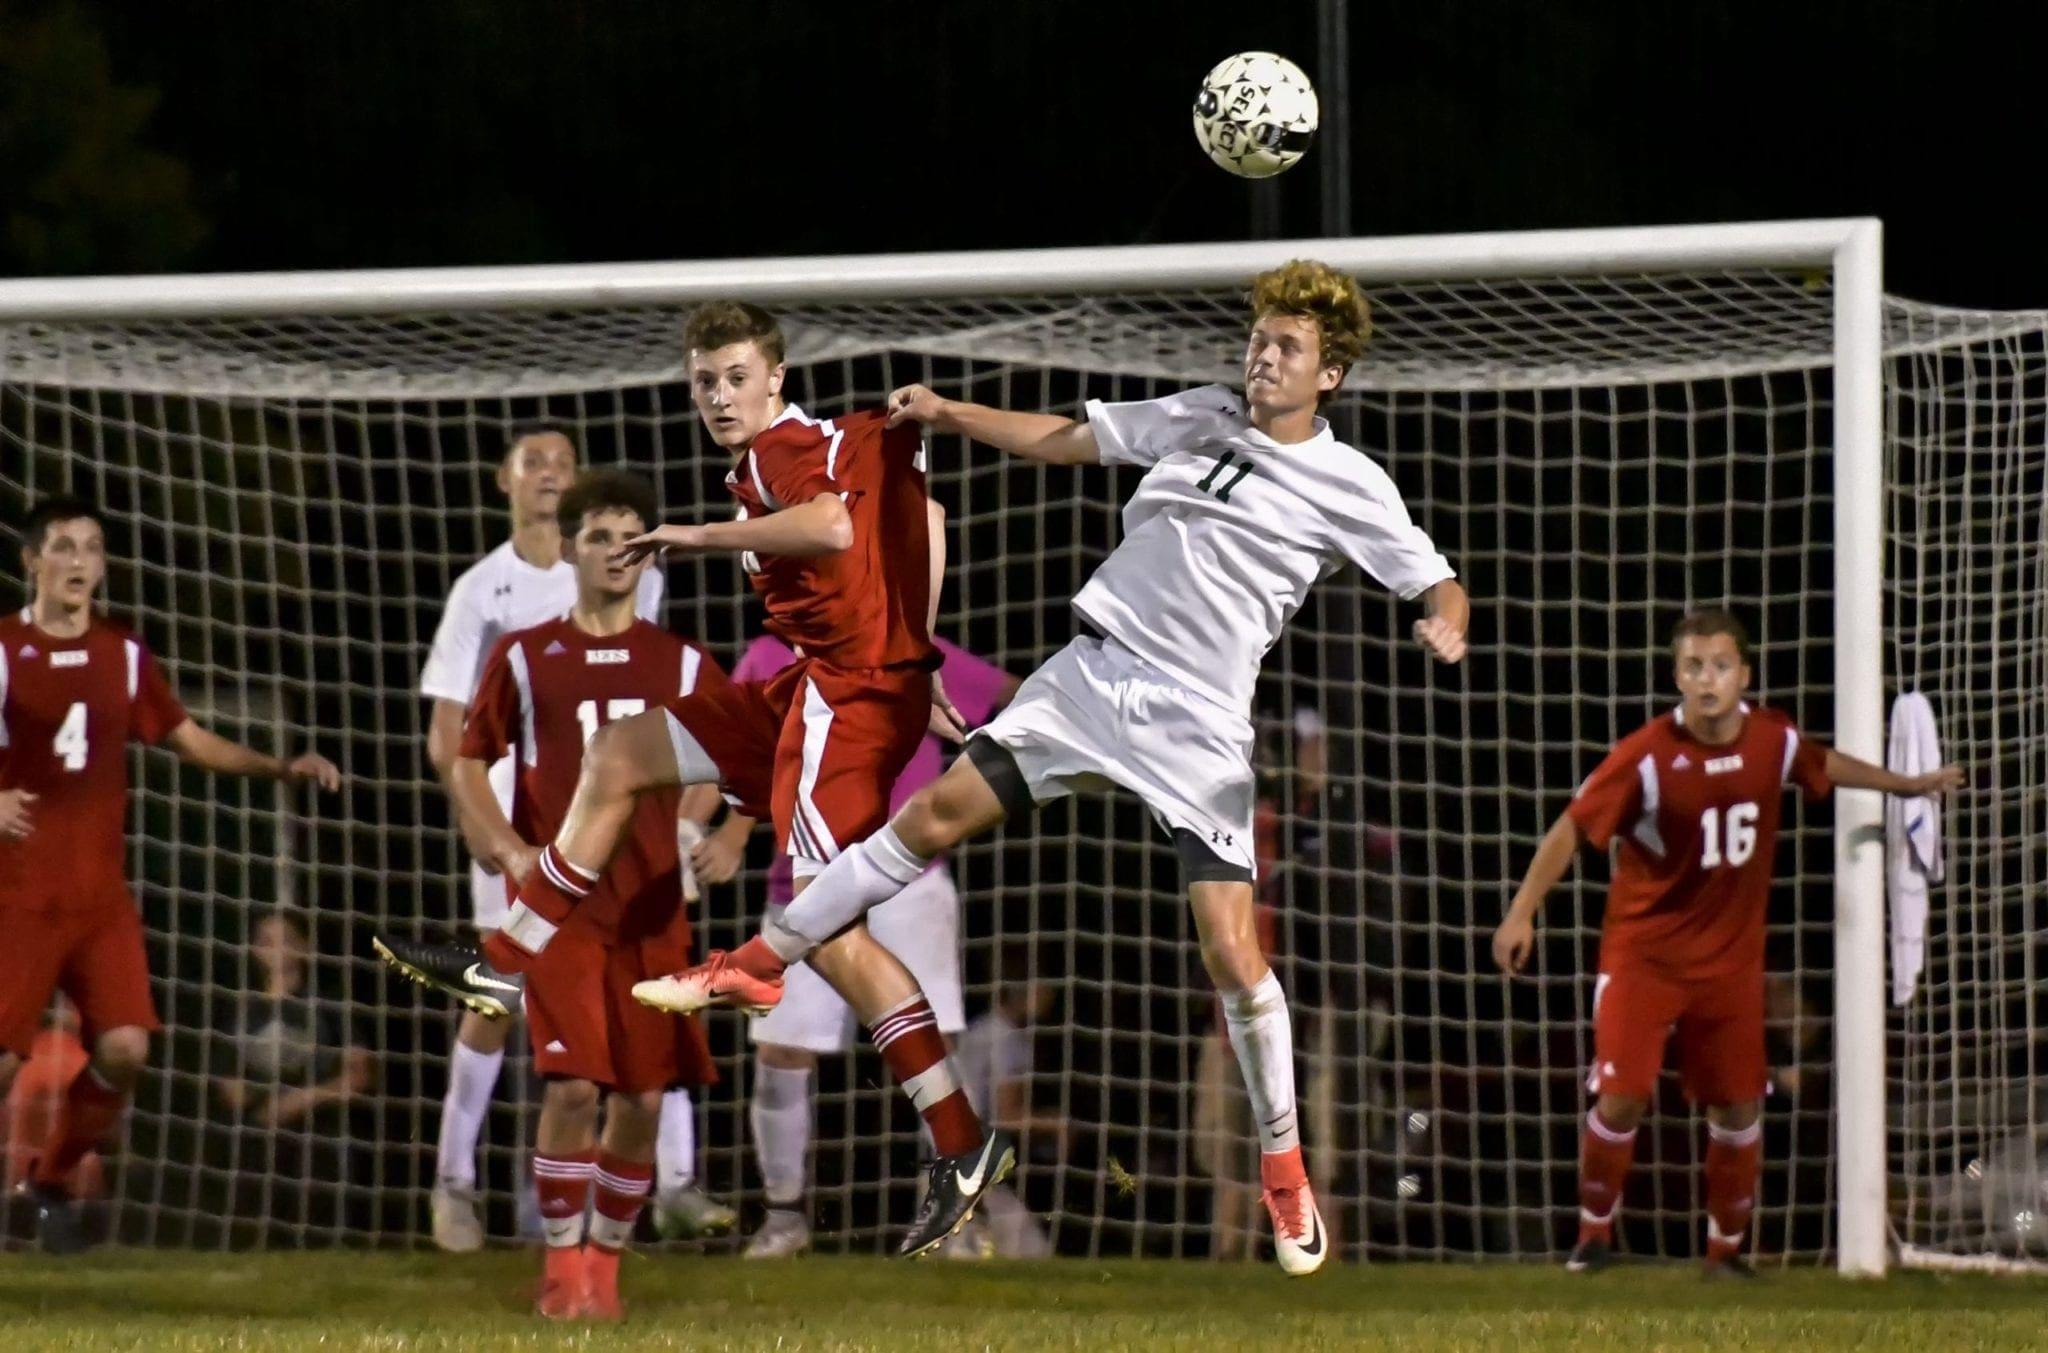 Soccer Hornets jump on B'ville, win 2-1